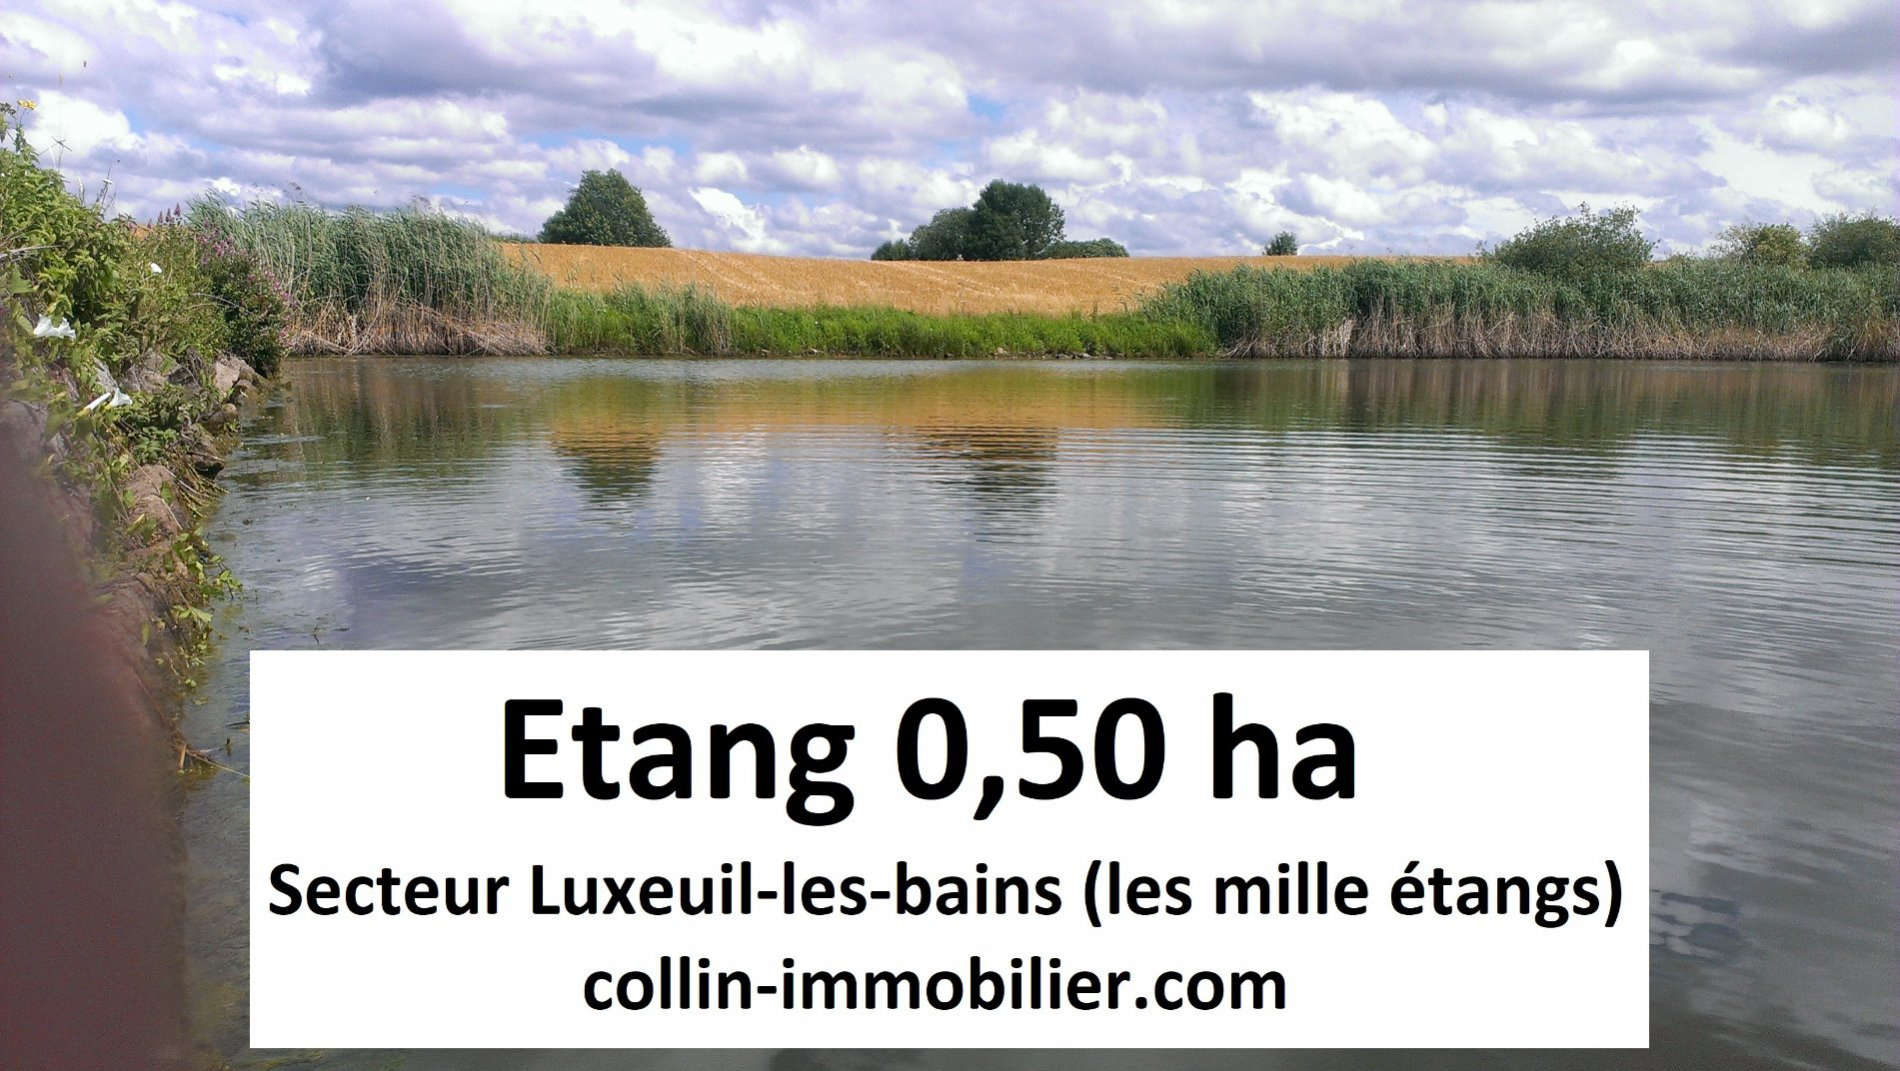 Vente Terrain luxeuil les bains